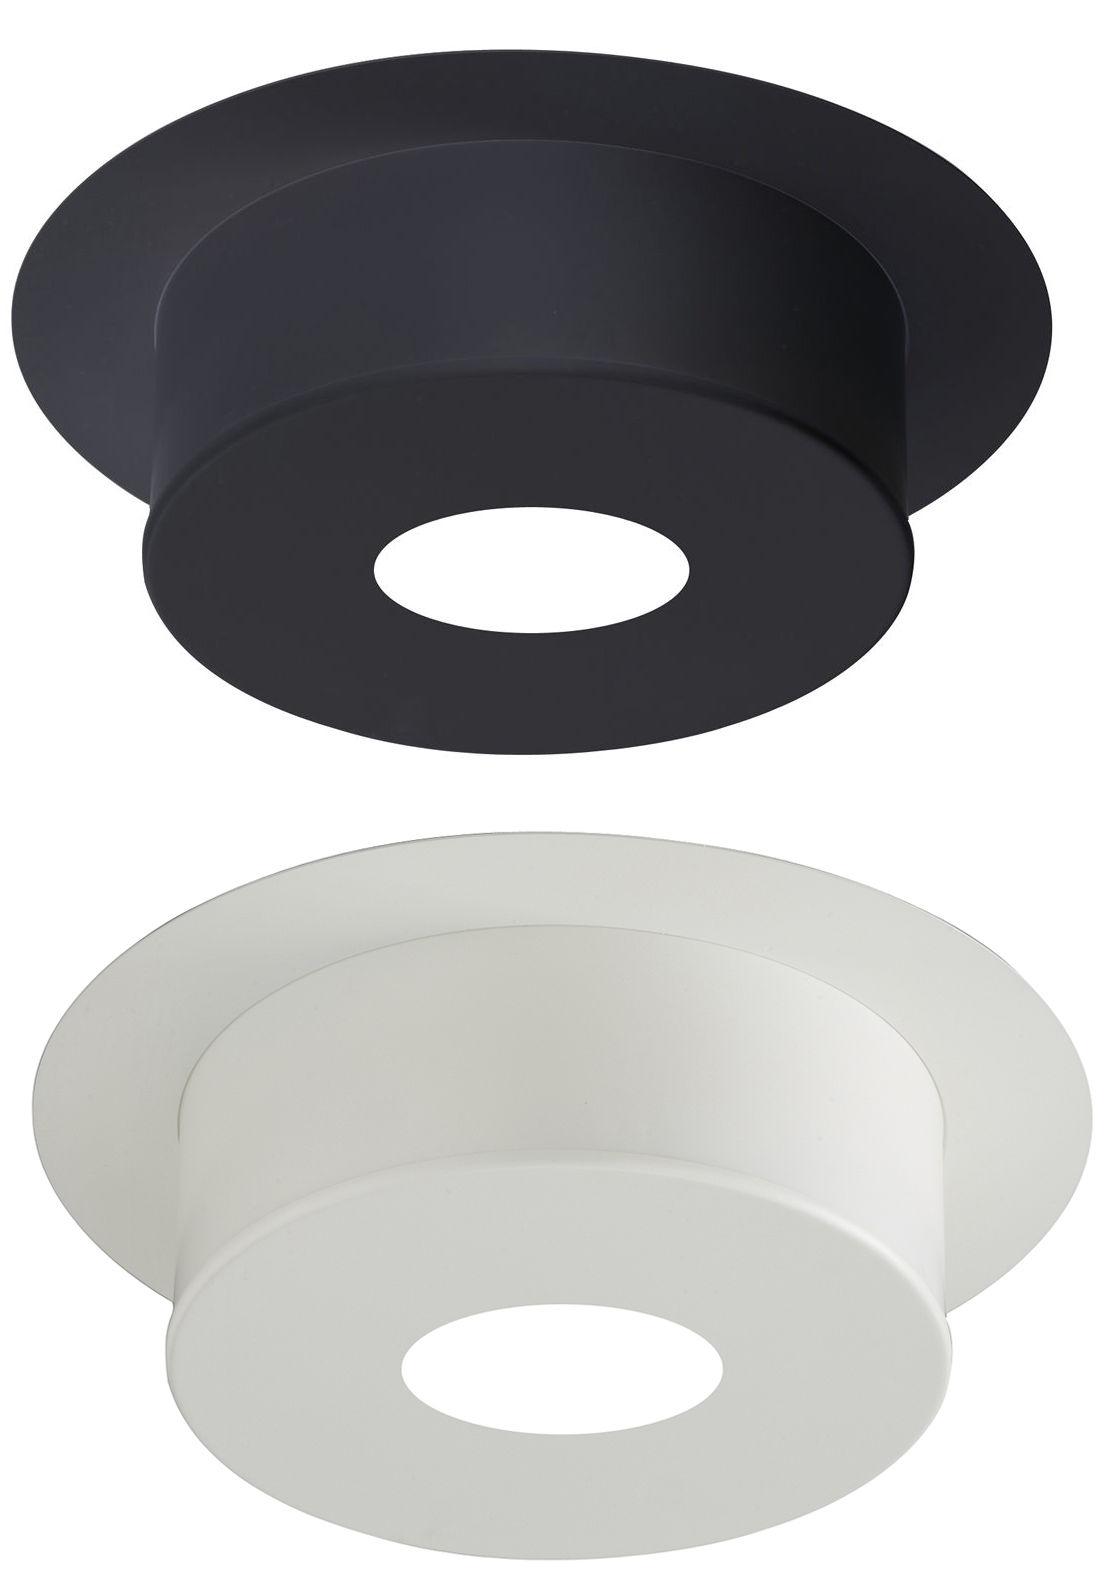 poujoulat plaque de finition ronde blanc pour conduit inox galva h12 cm conduit maill 150. Black Bedroom Furniture Sets. Home Design Ideas